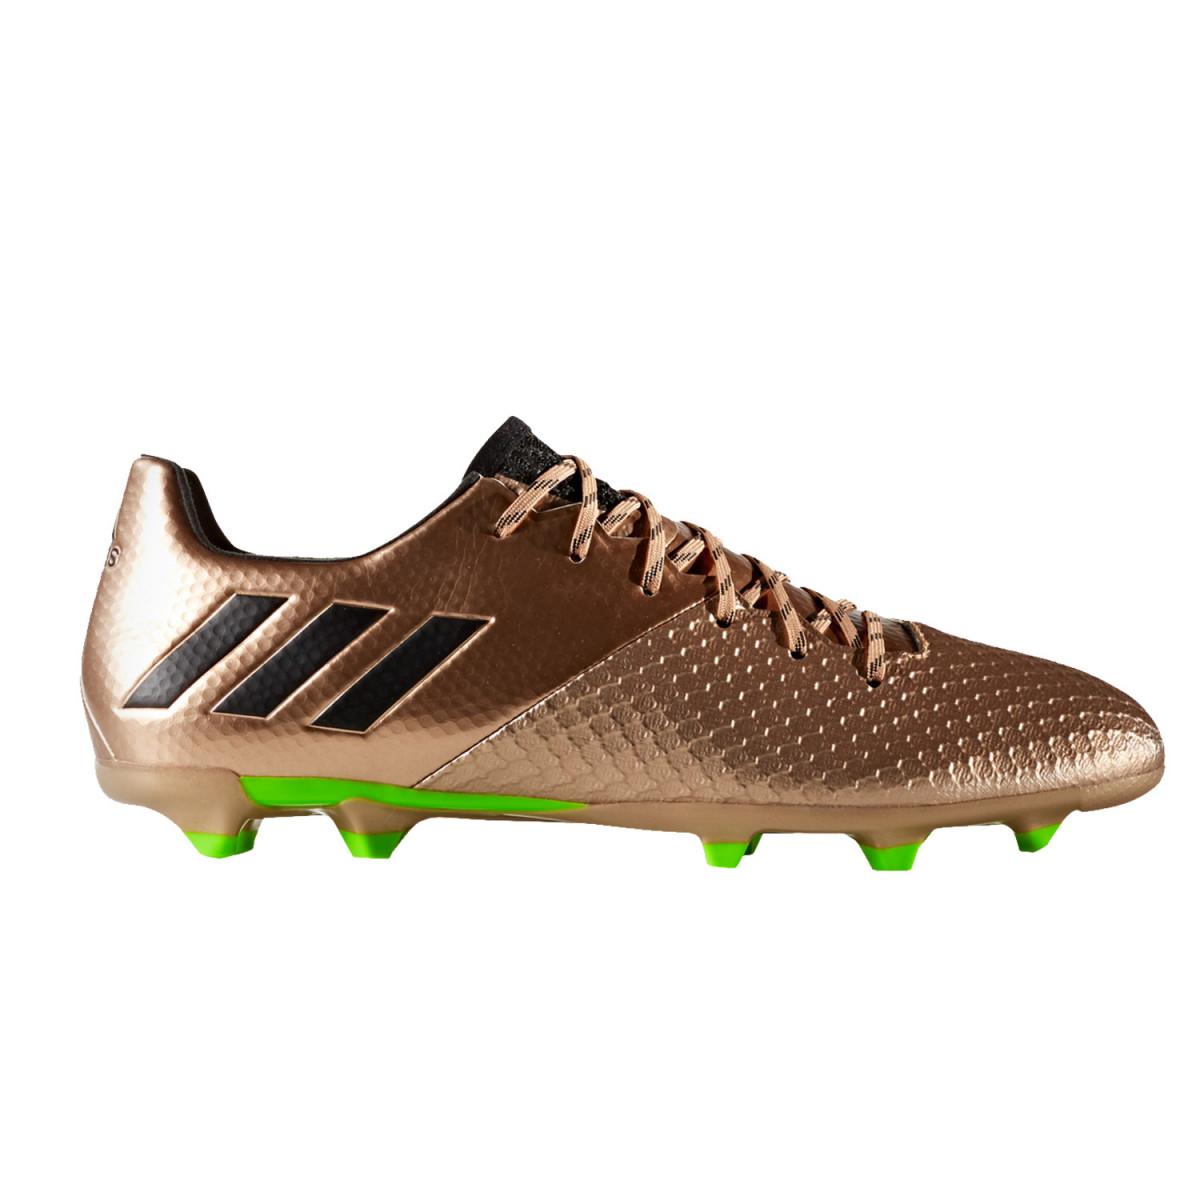 Botines Adidas Messi 16.2 Fg